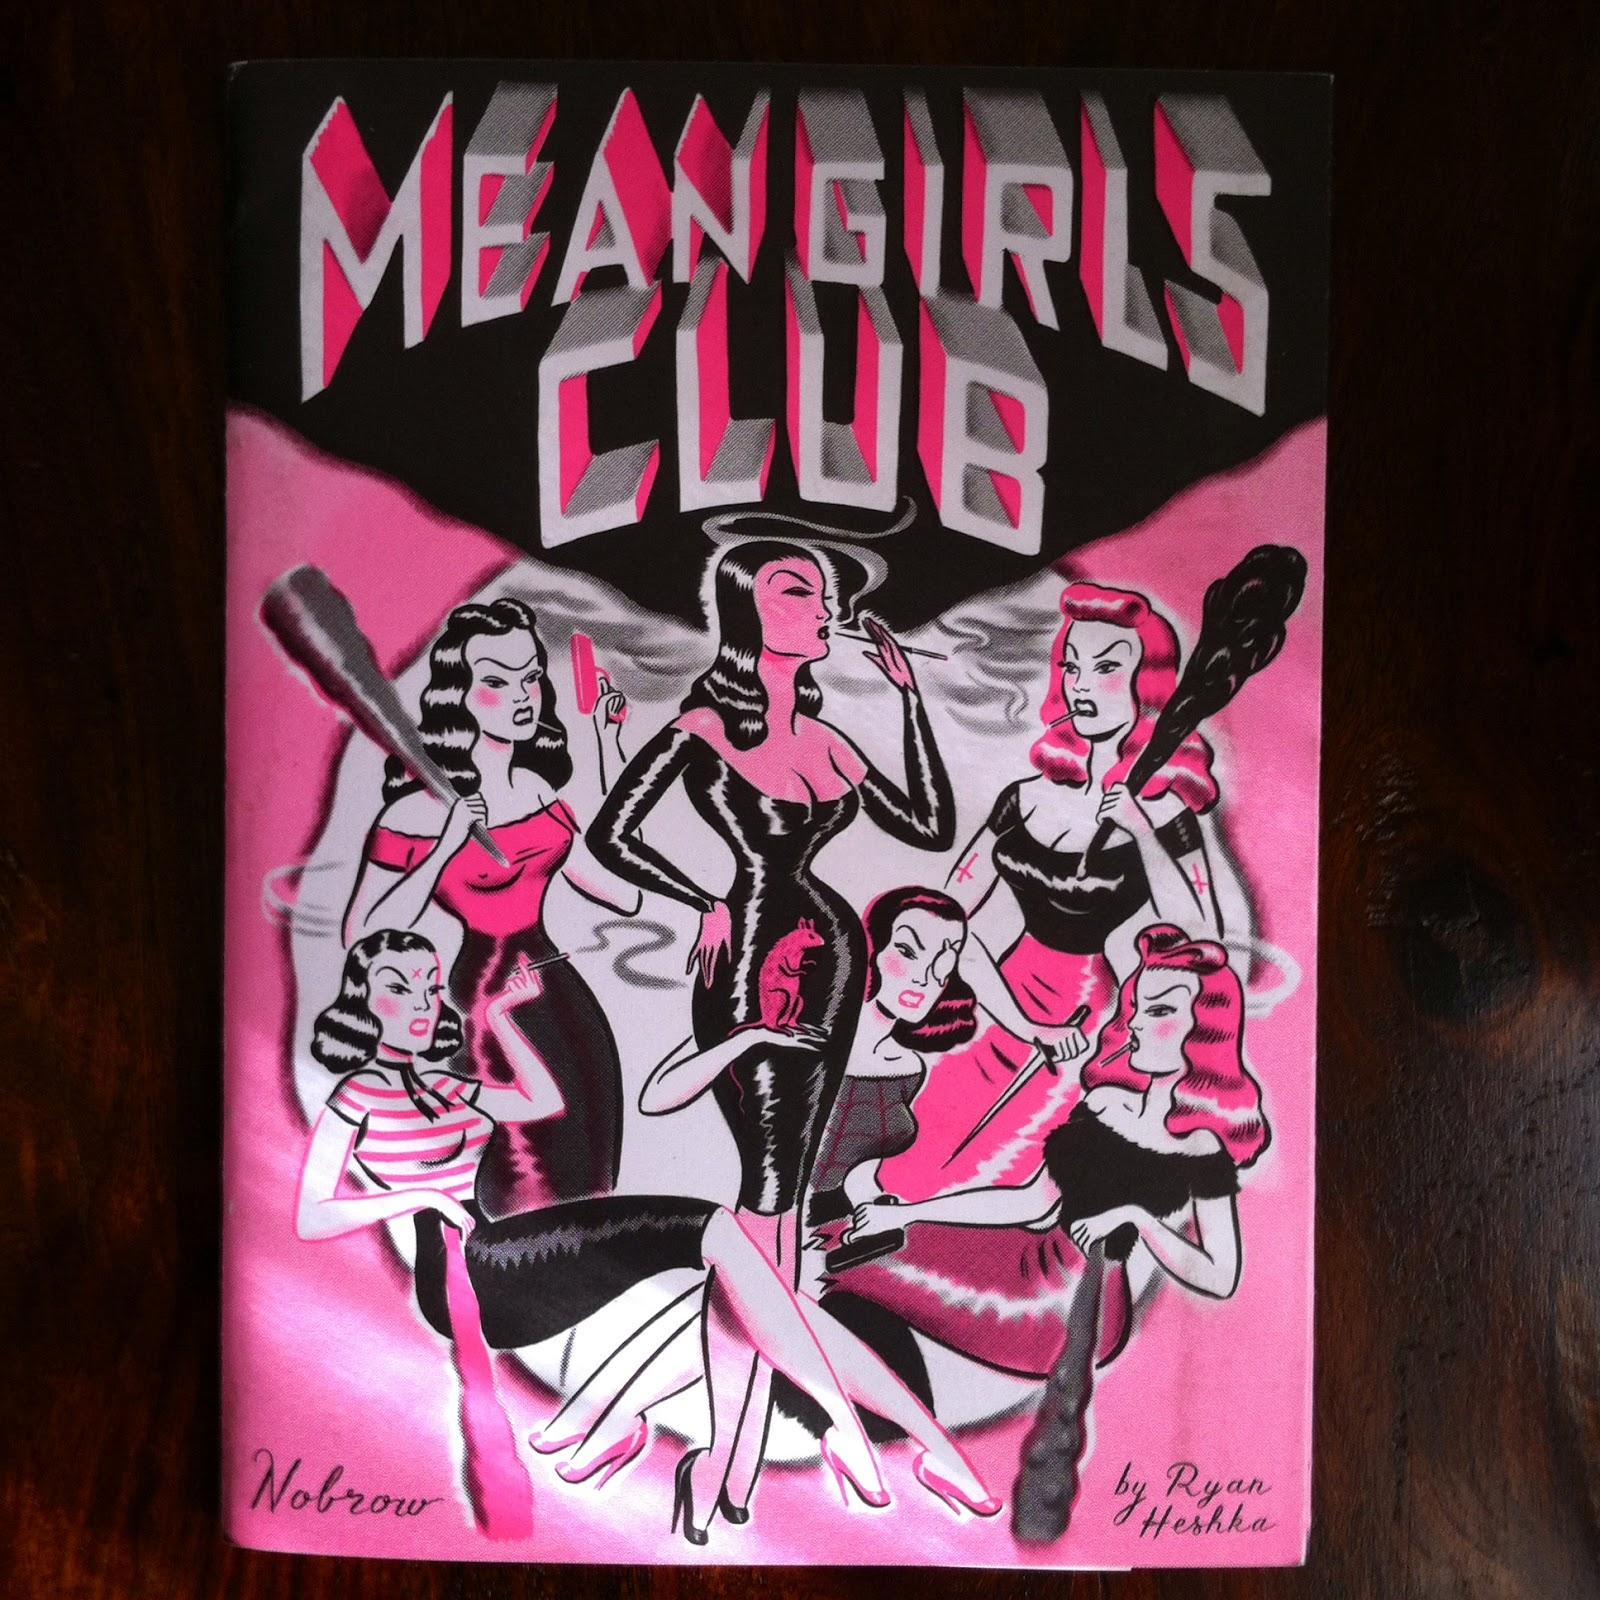 mean girls club porn